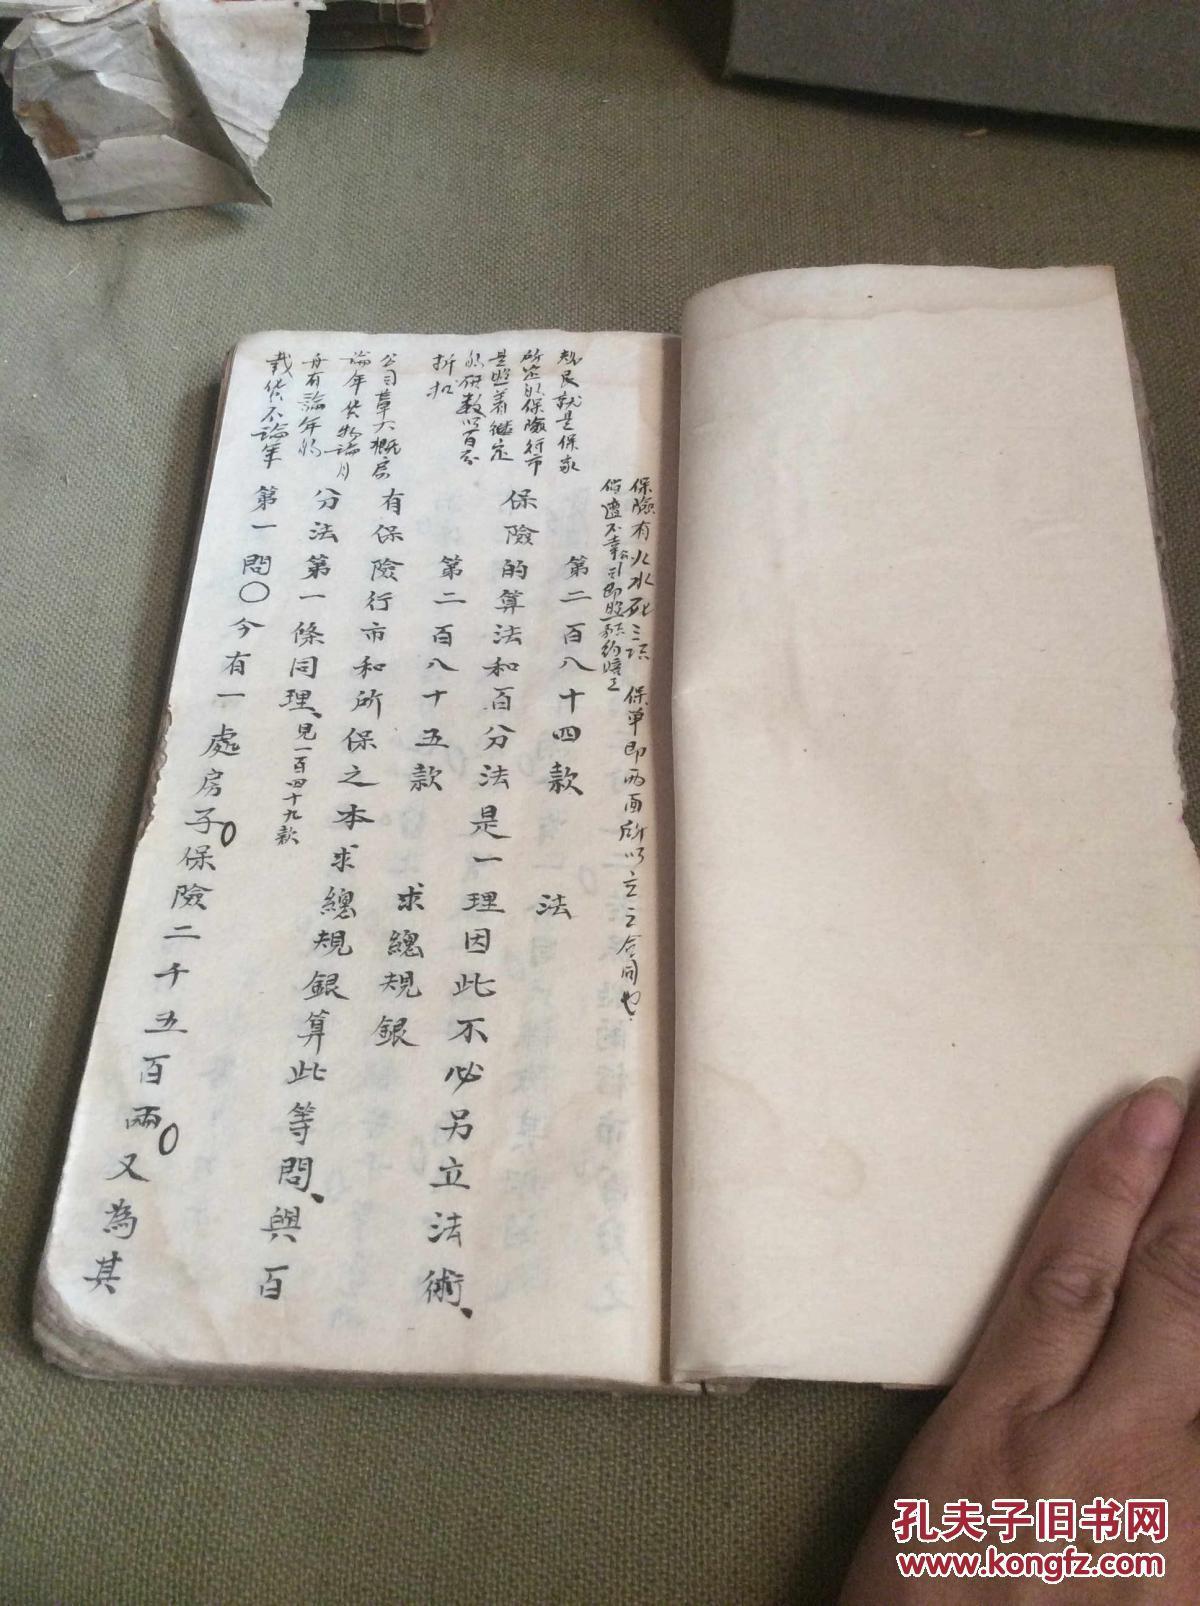 《保险百分平立方》一厚册 应为中国最早的现代保险抄本 学问有限